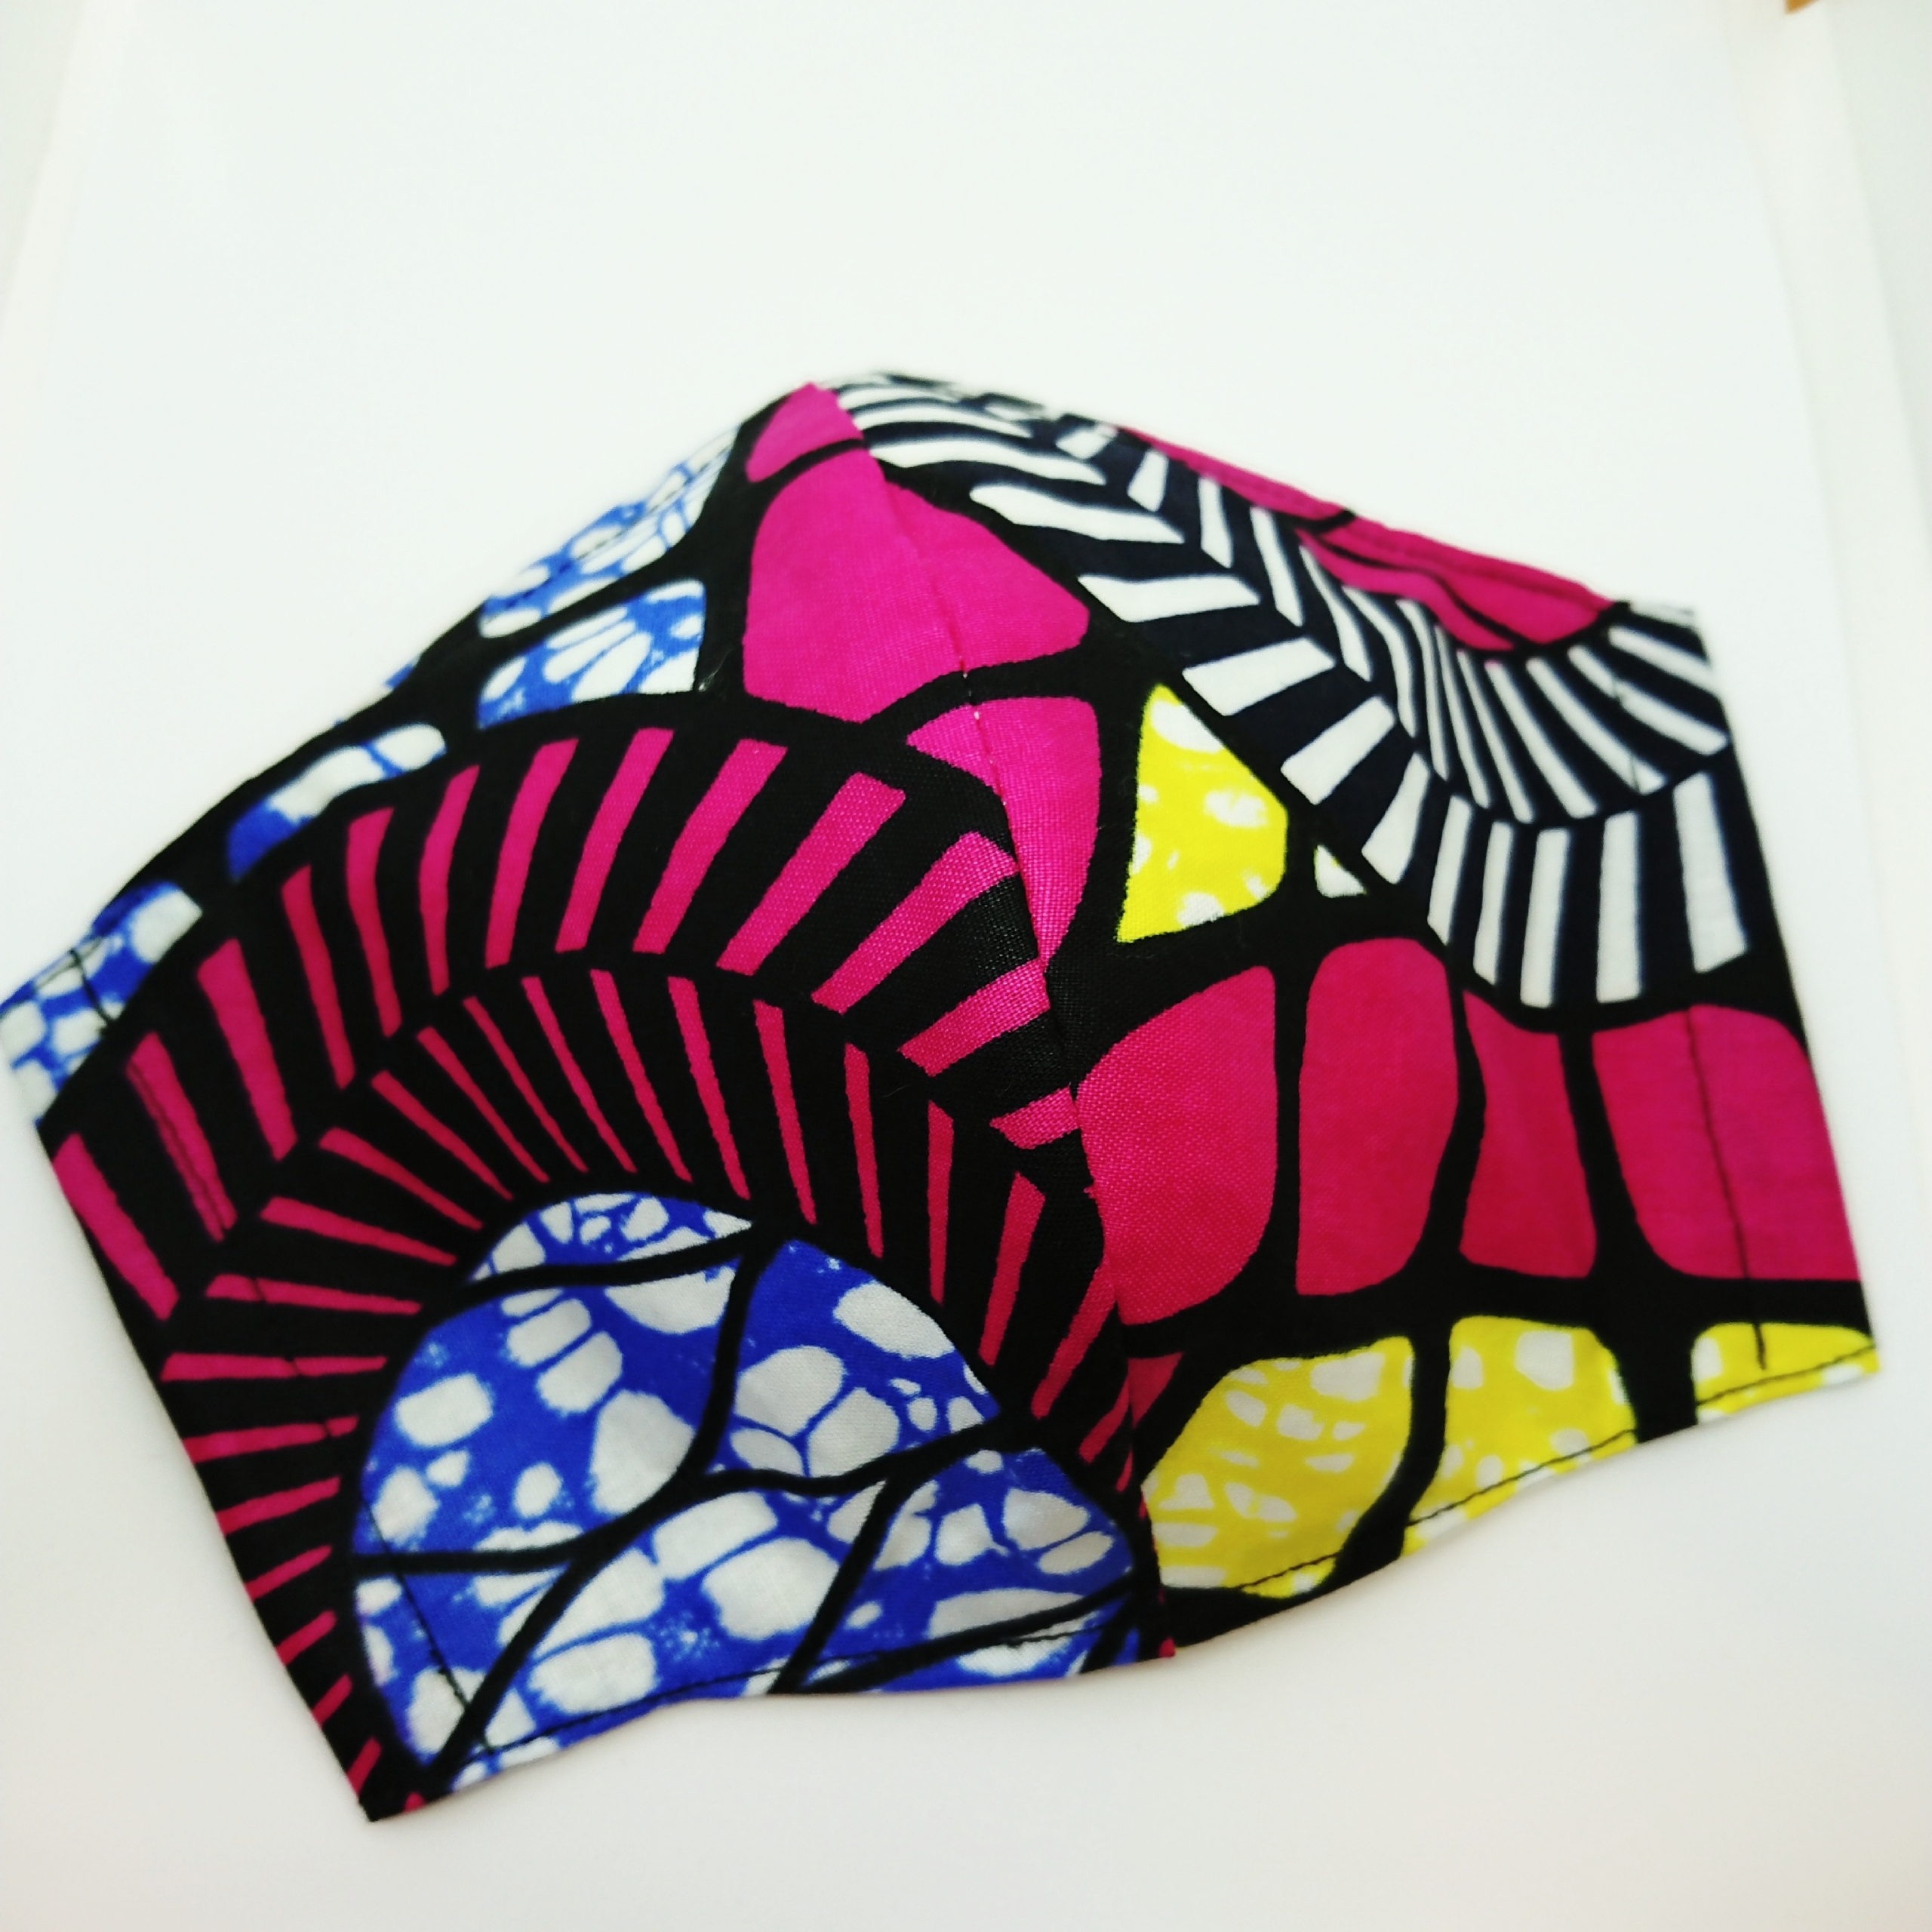 パーニュの立体マスク【Lサイズ】20